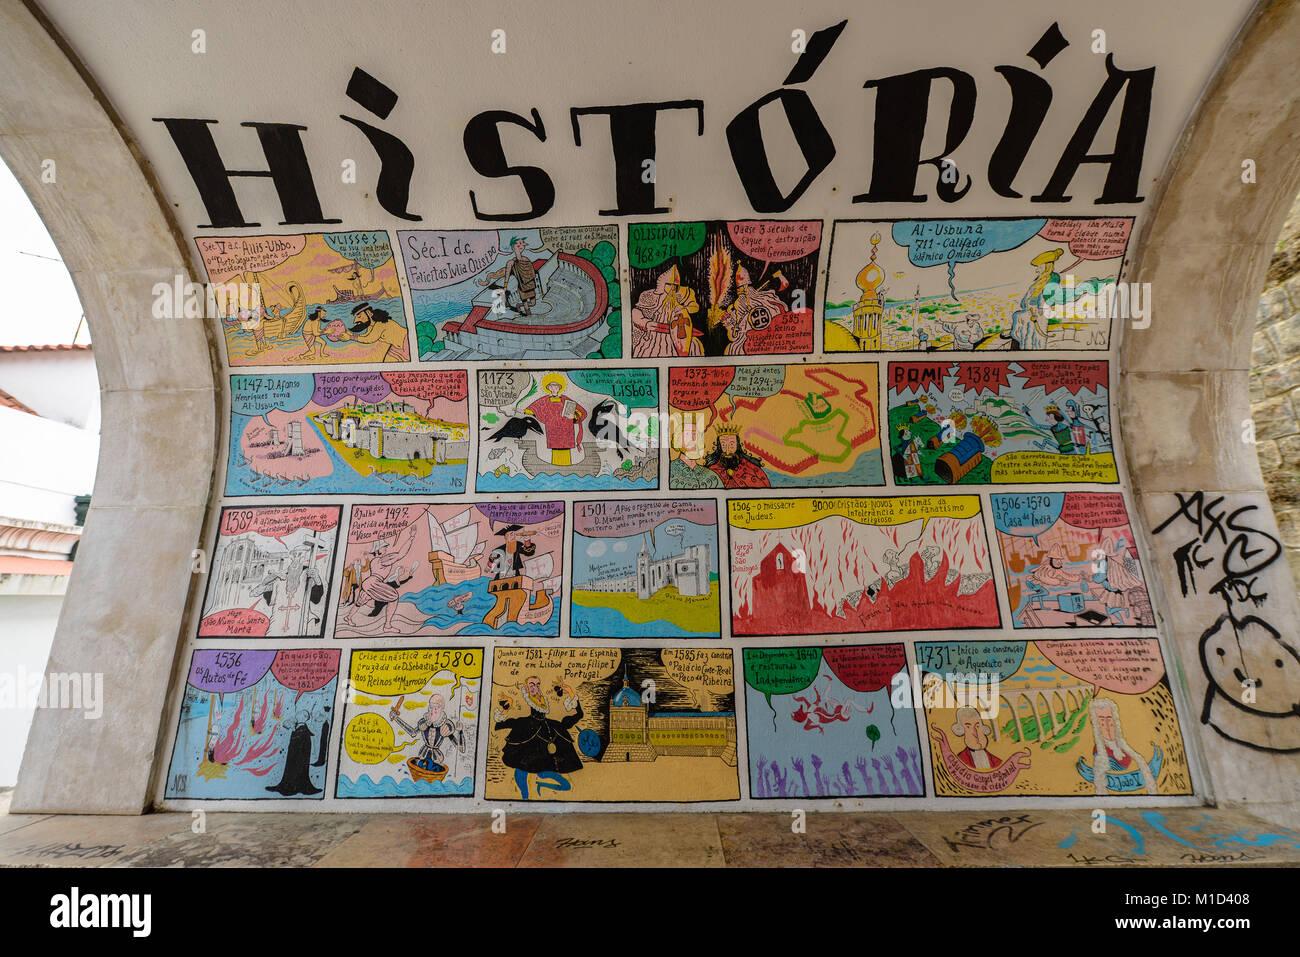 Zeichnungen, Geschichte, Alfama, Lissabon, Portugal, Zeichnungen, Photographie, Lissabon Stockbild